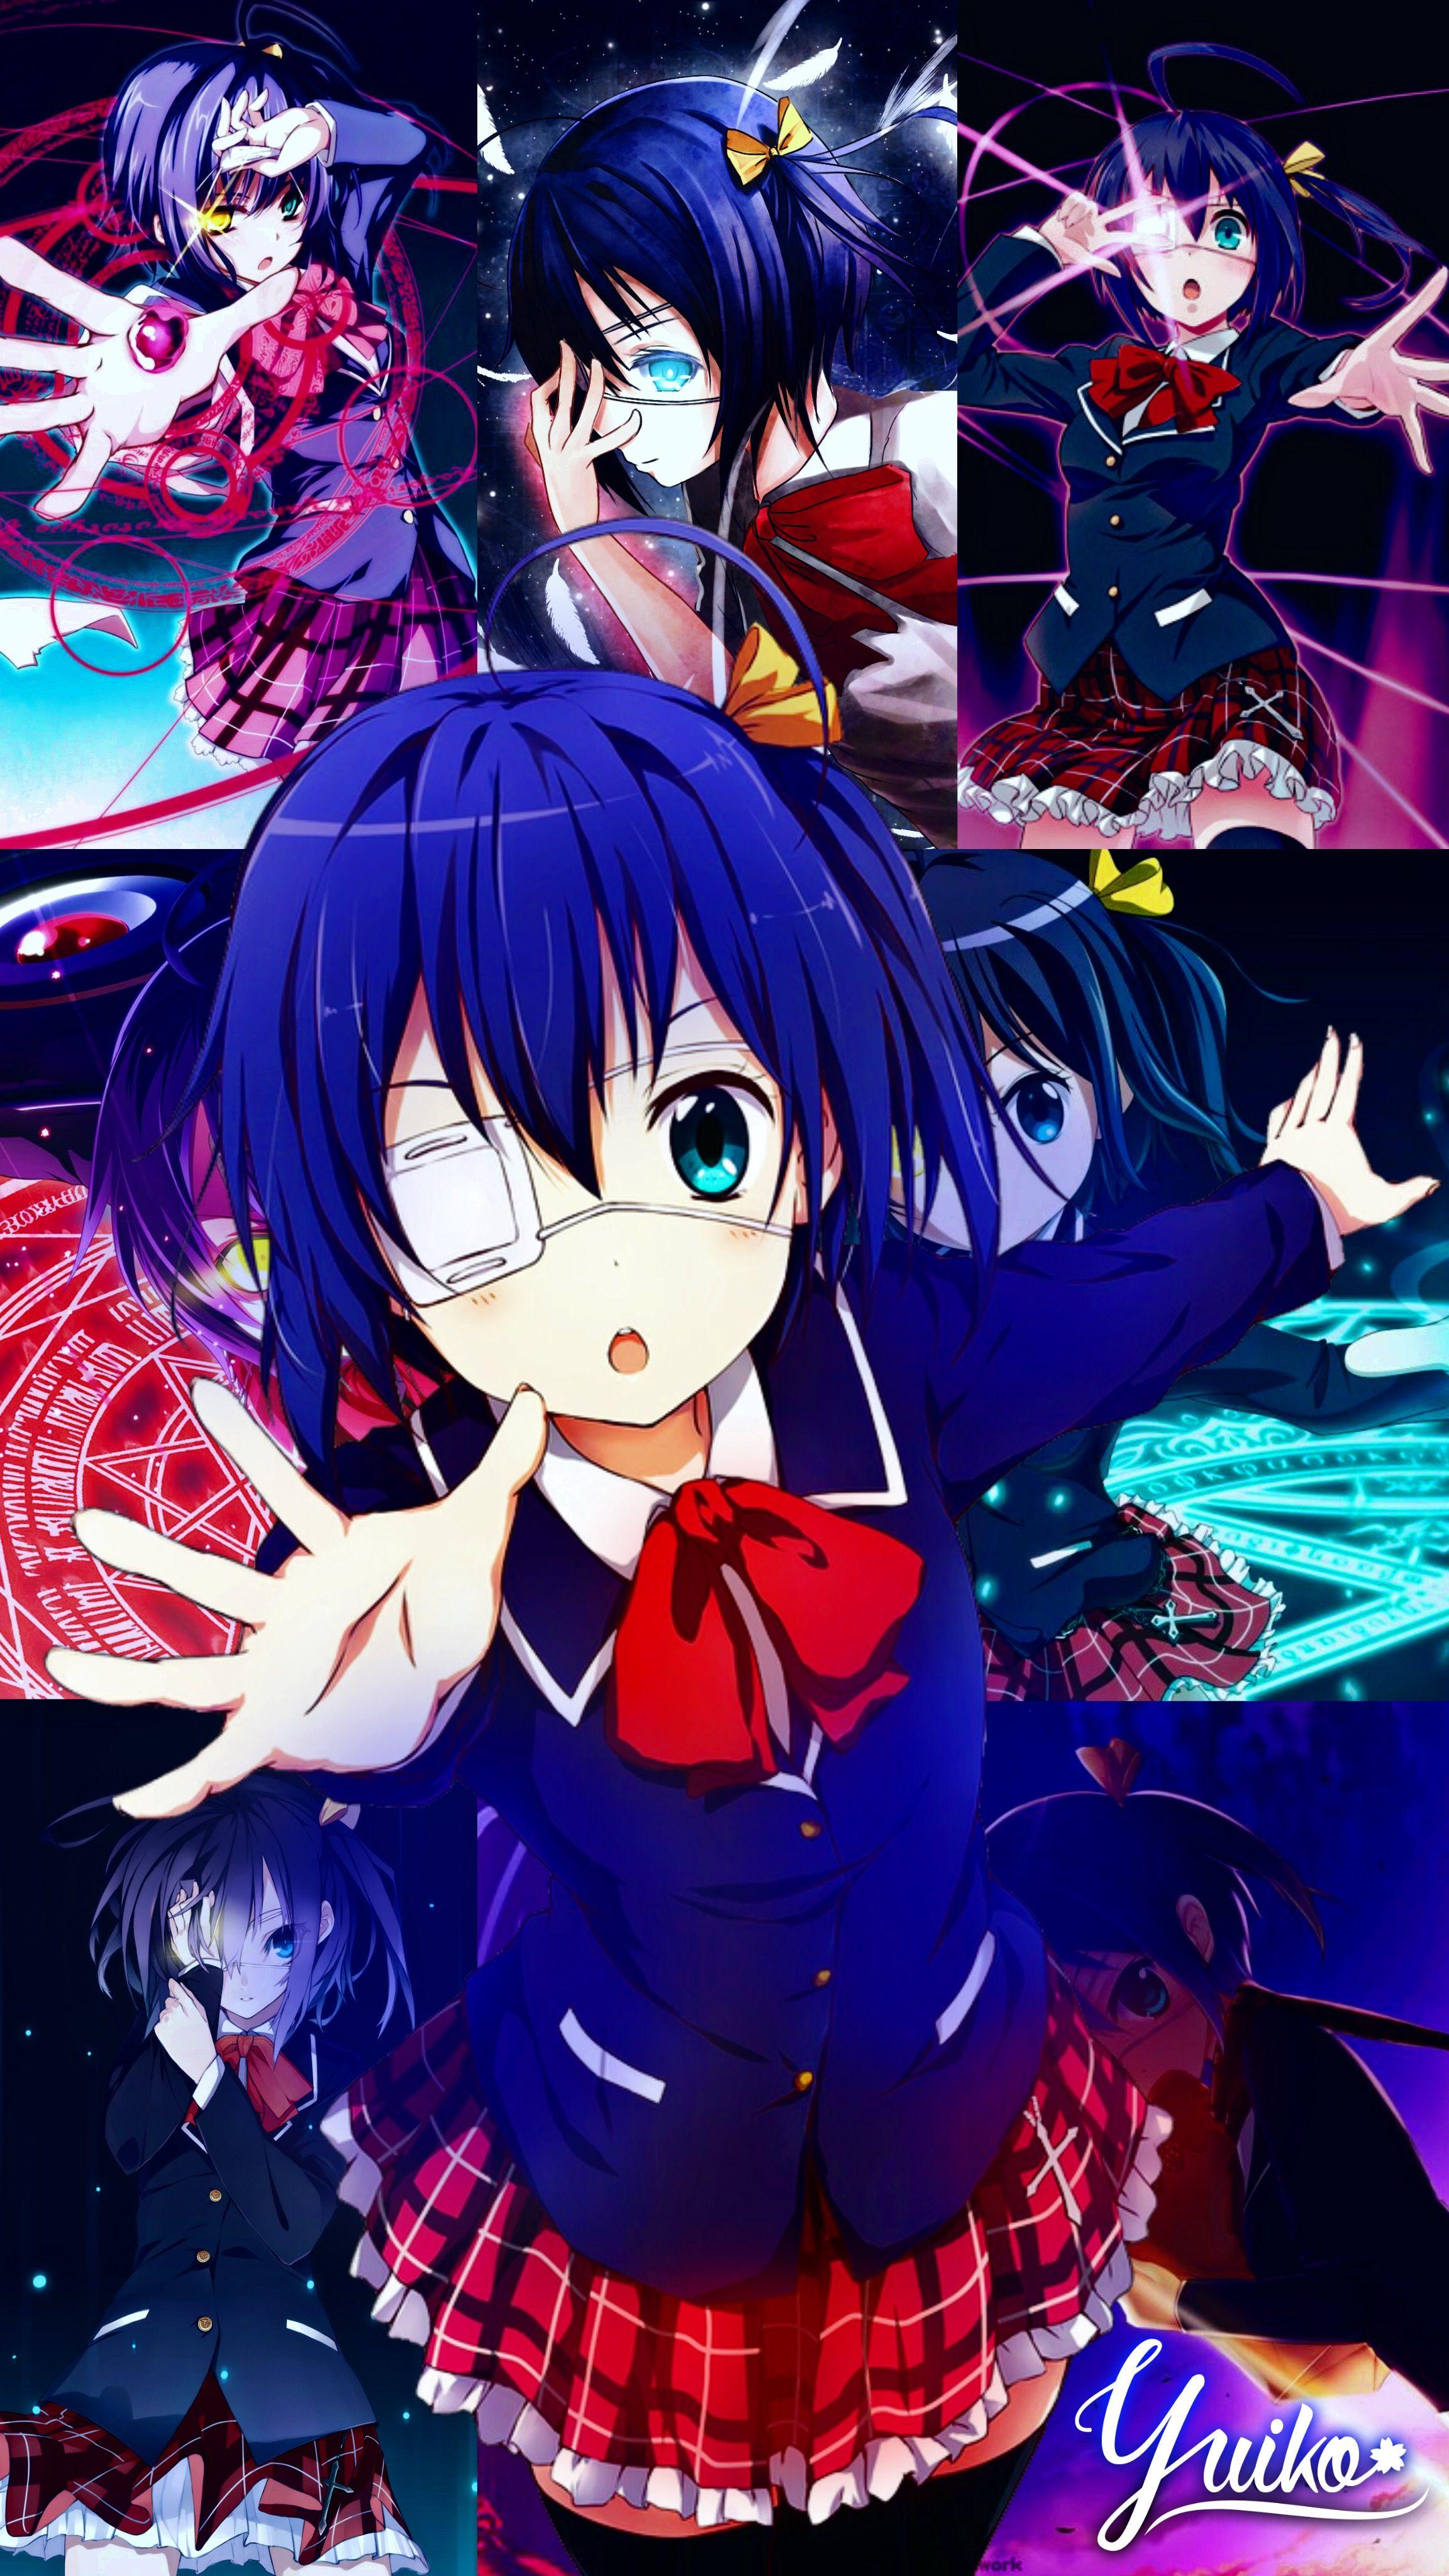 Rikka Wallpaper Anime Wallpaper Anime Background Aesthetic Anime